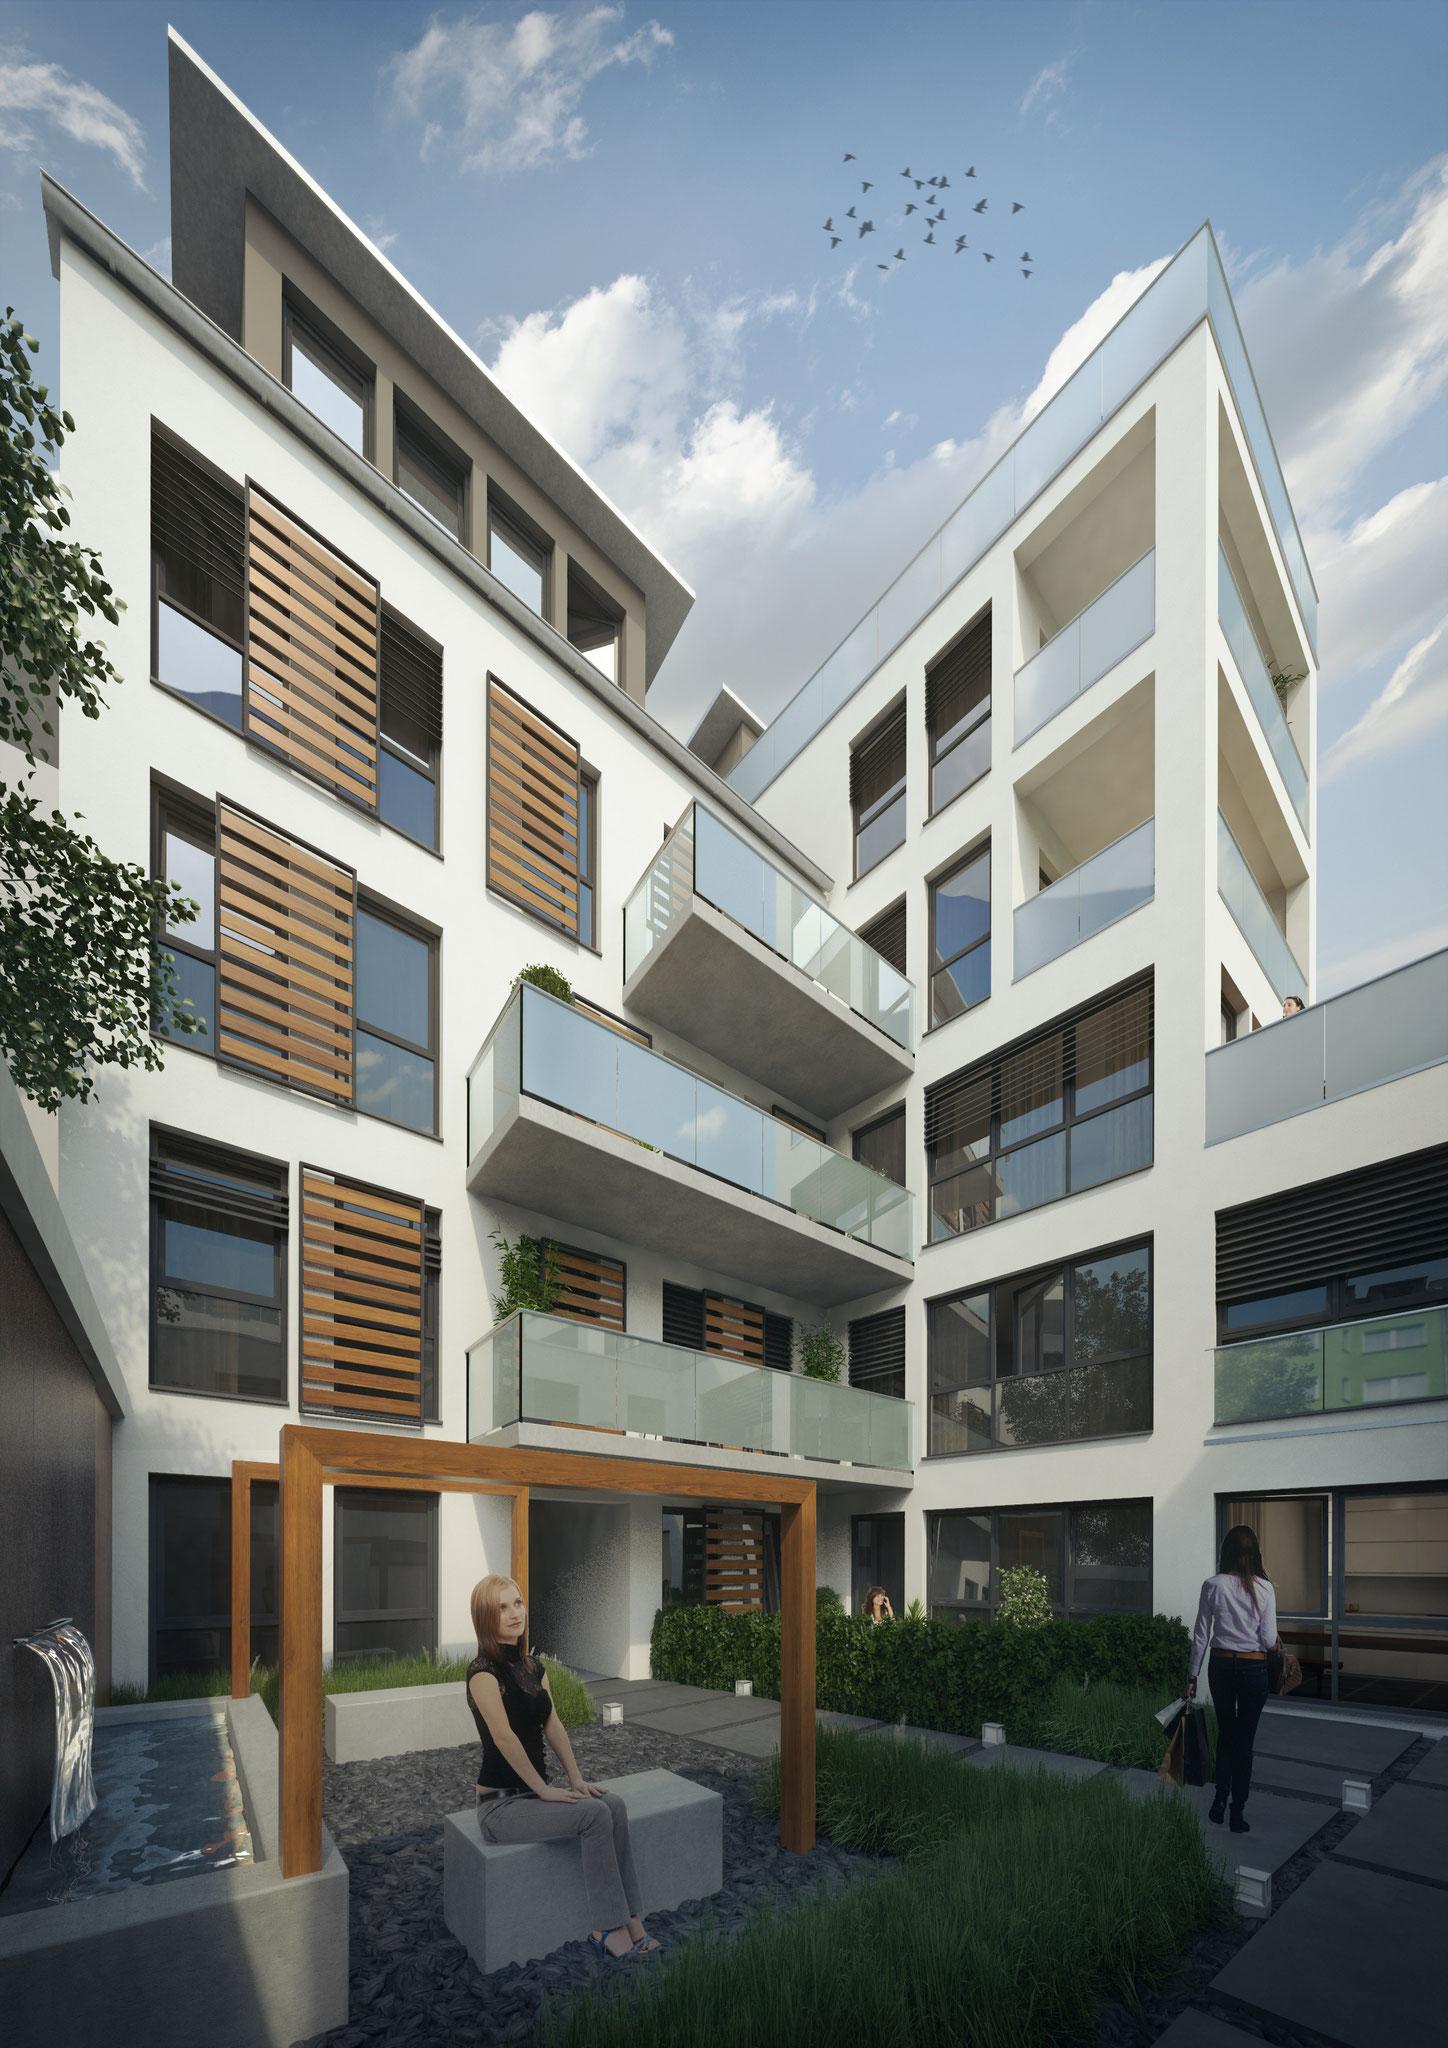 Neubauprojekt in Köln Sülz, Neubau von 5 Eigentumswohnungen und 2 Townhouses